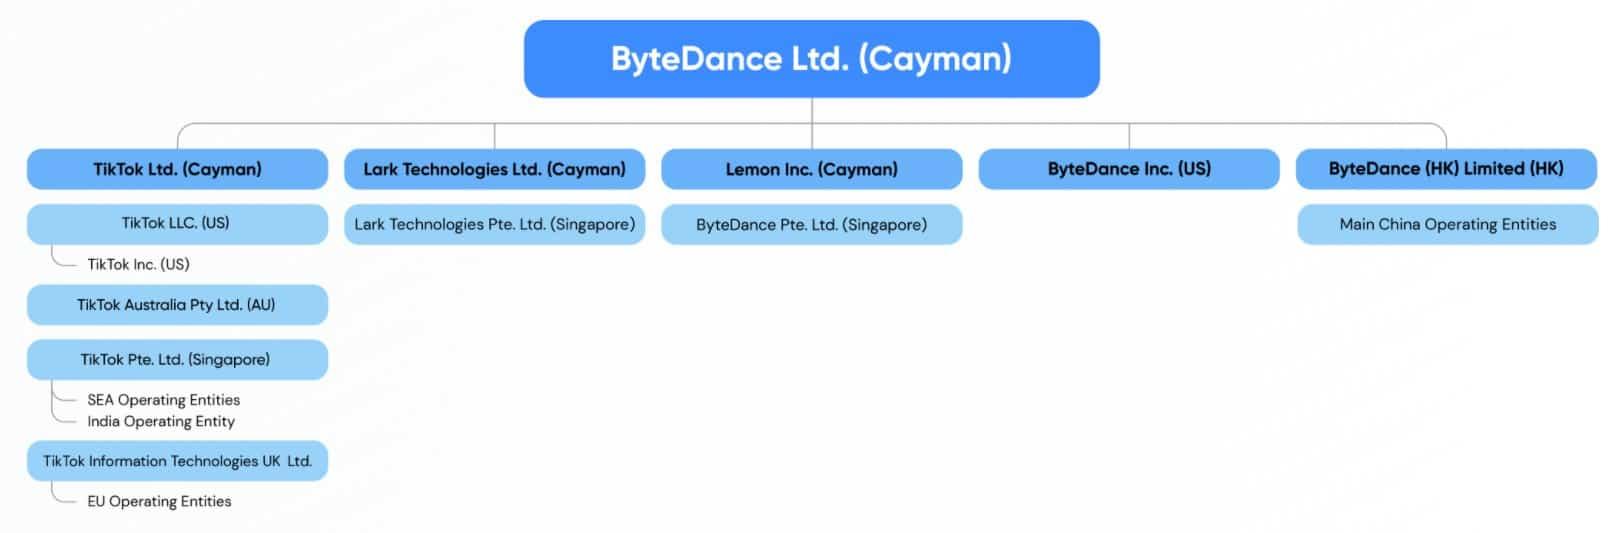 ByteDance Unternehmensstruktur